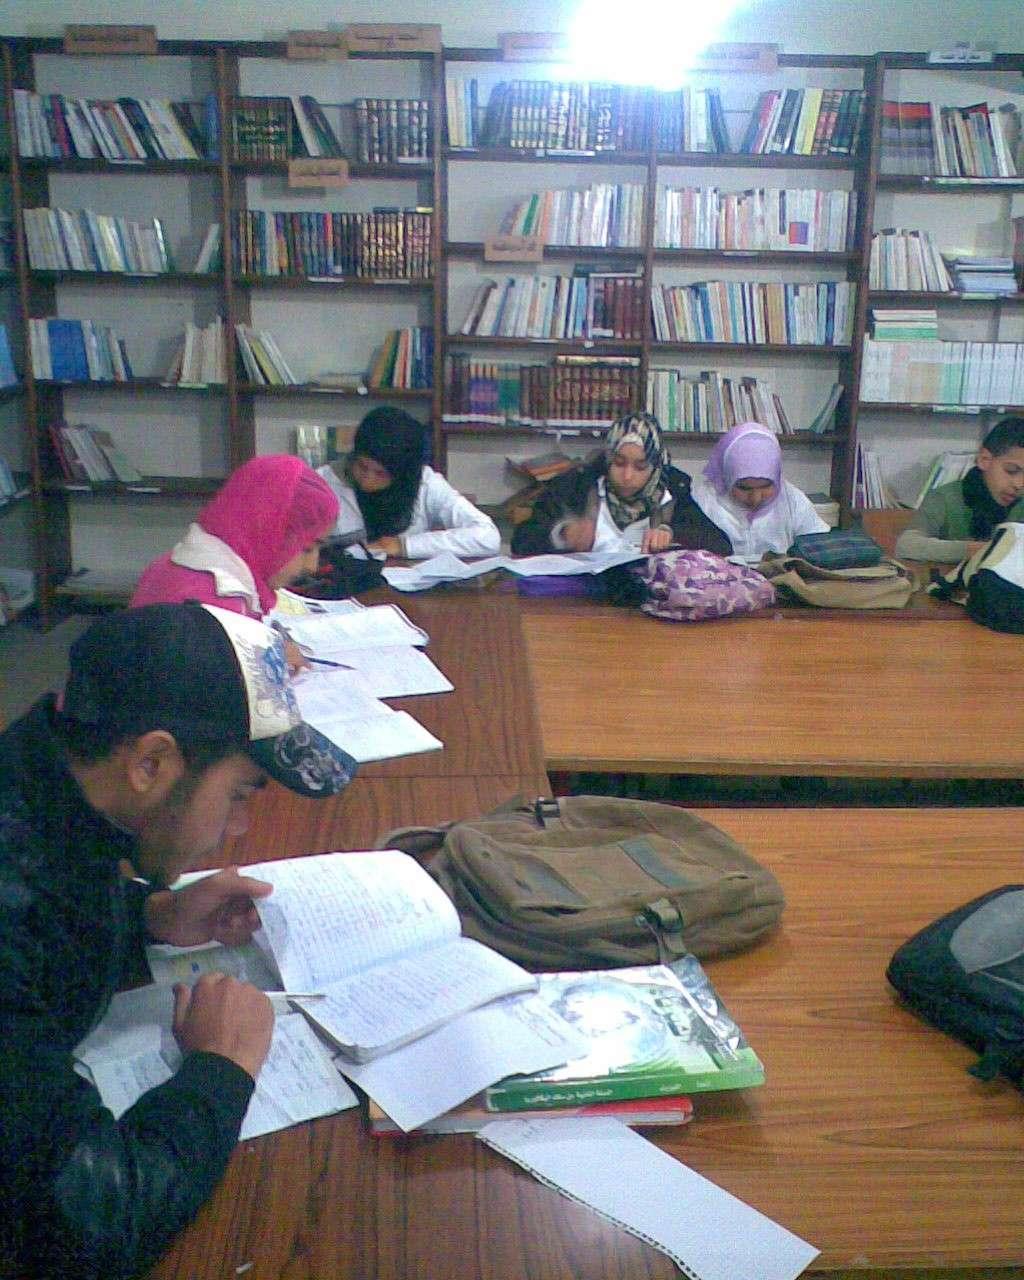 من أنشطة المكتبة المدرسية Maktab10